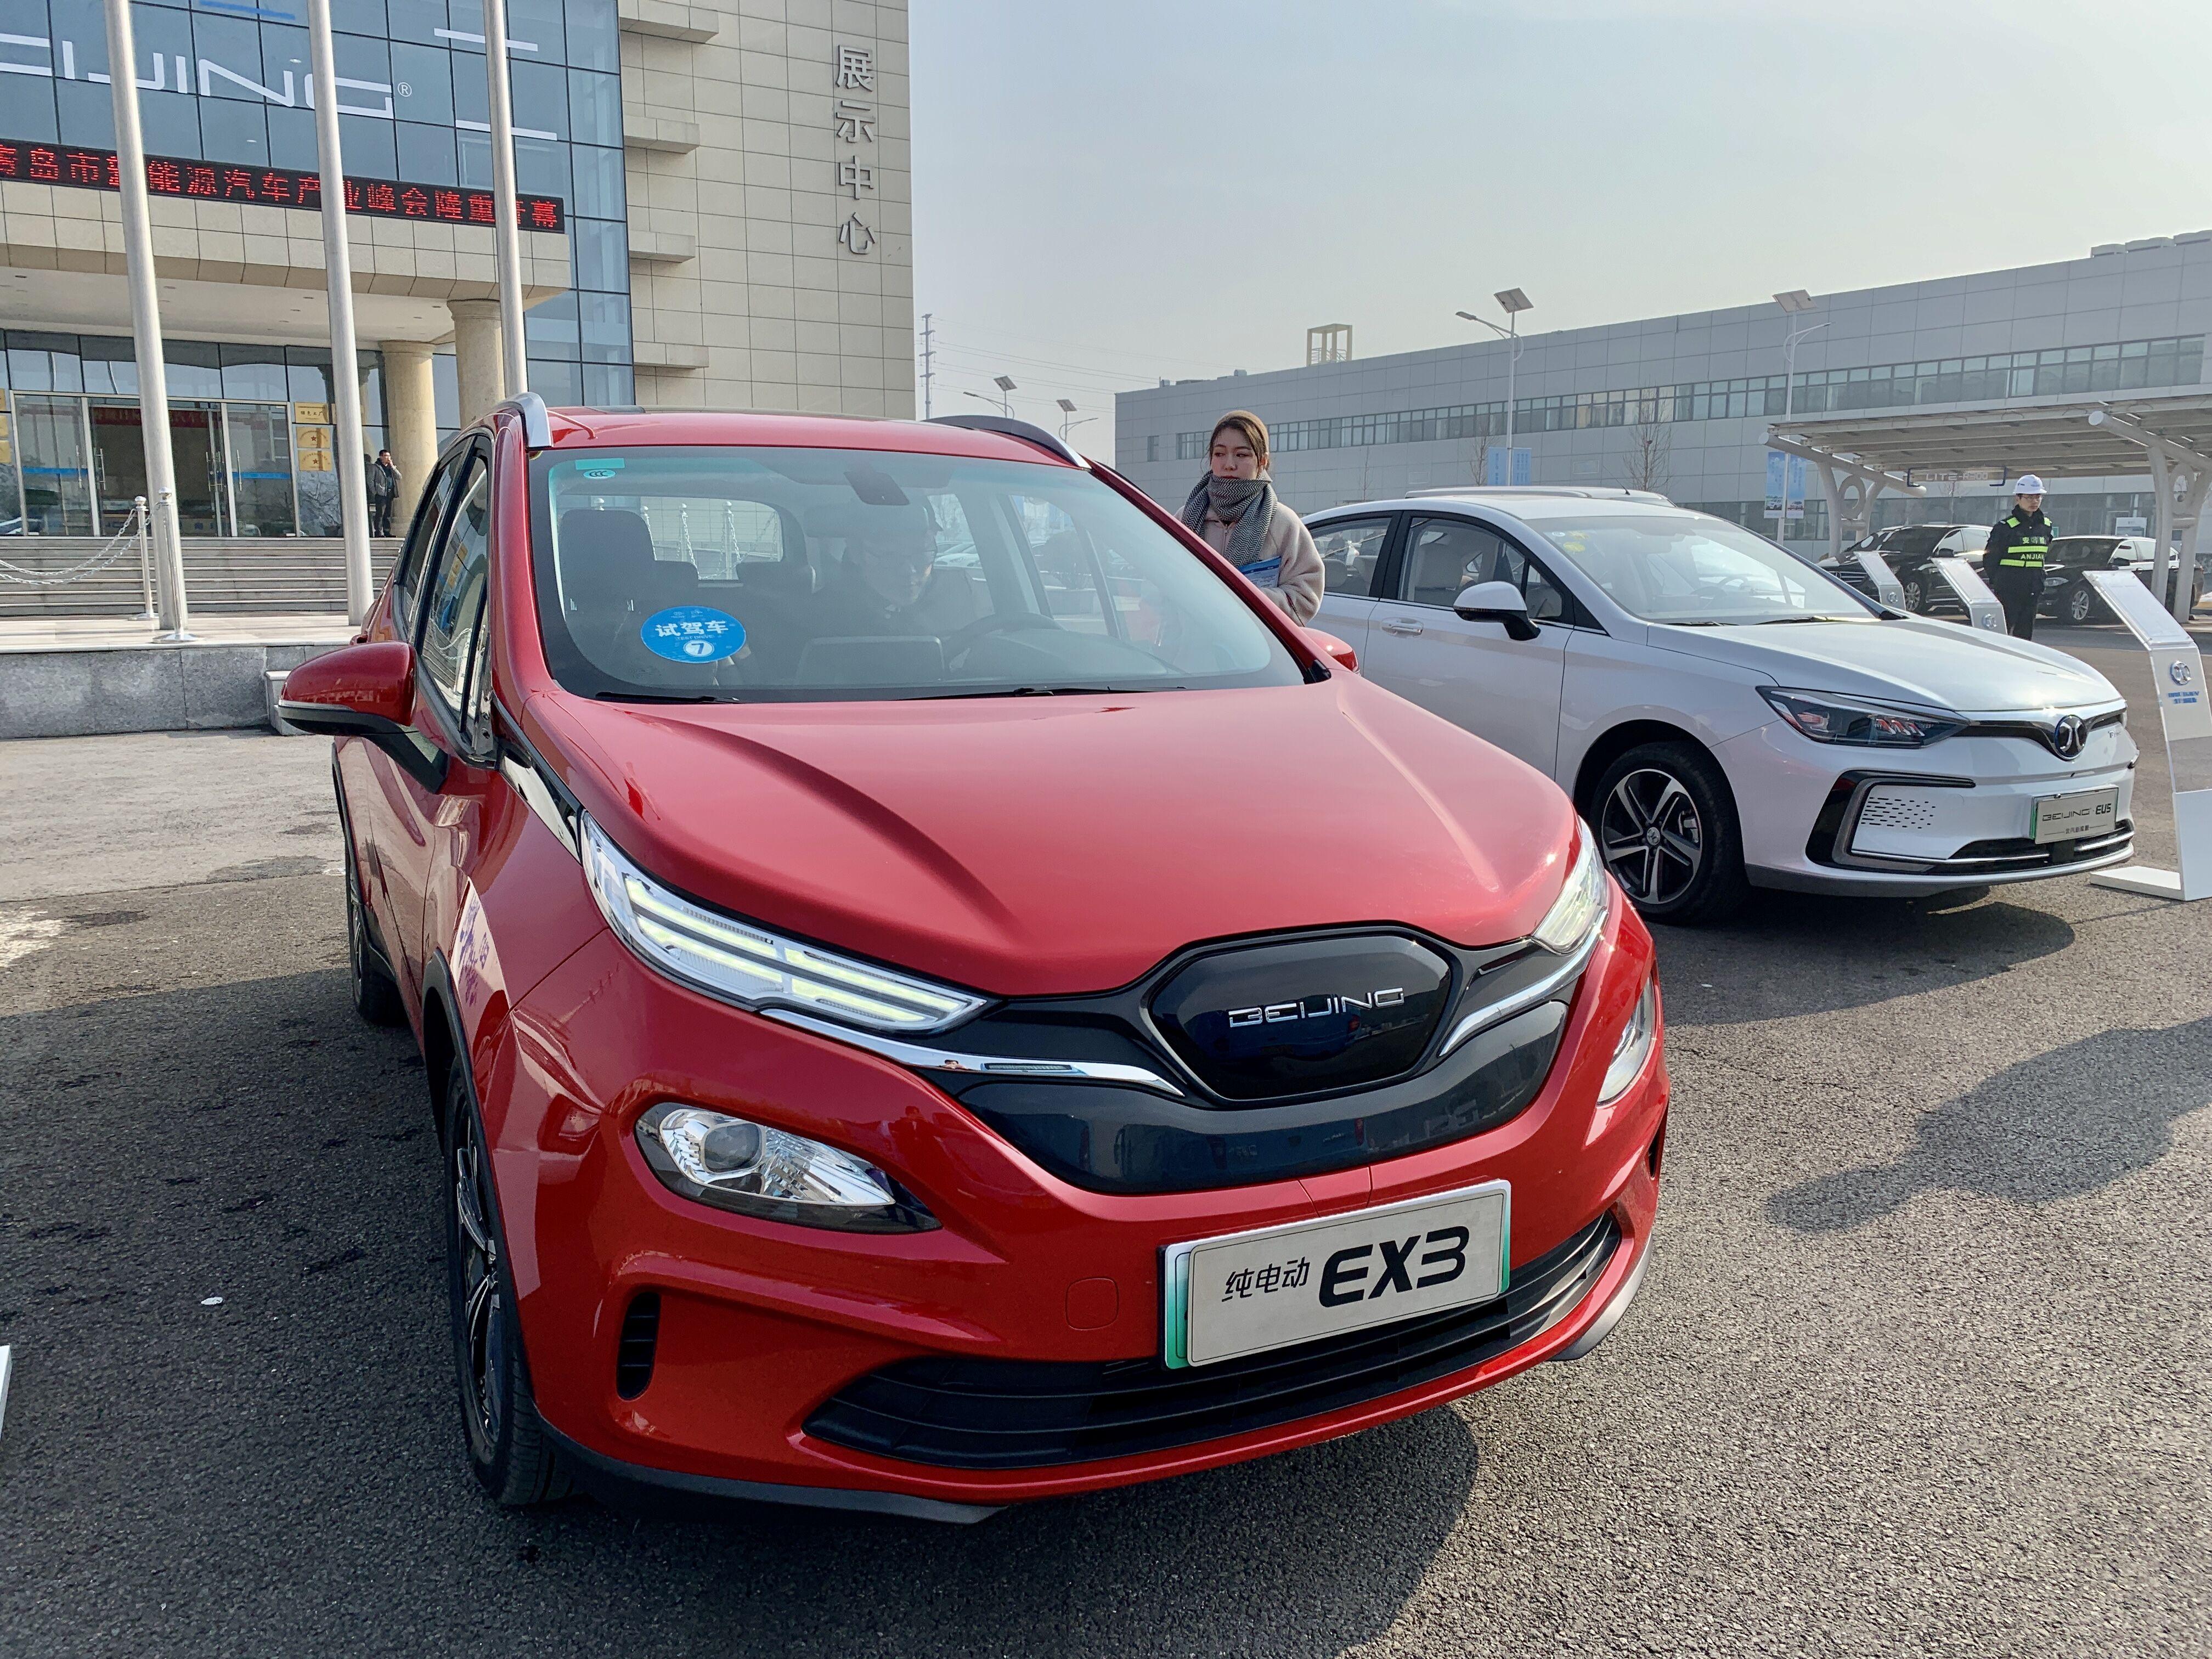 北京新能源车指标首期派尽  车企营销提前开打争夺战